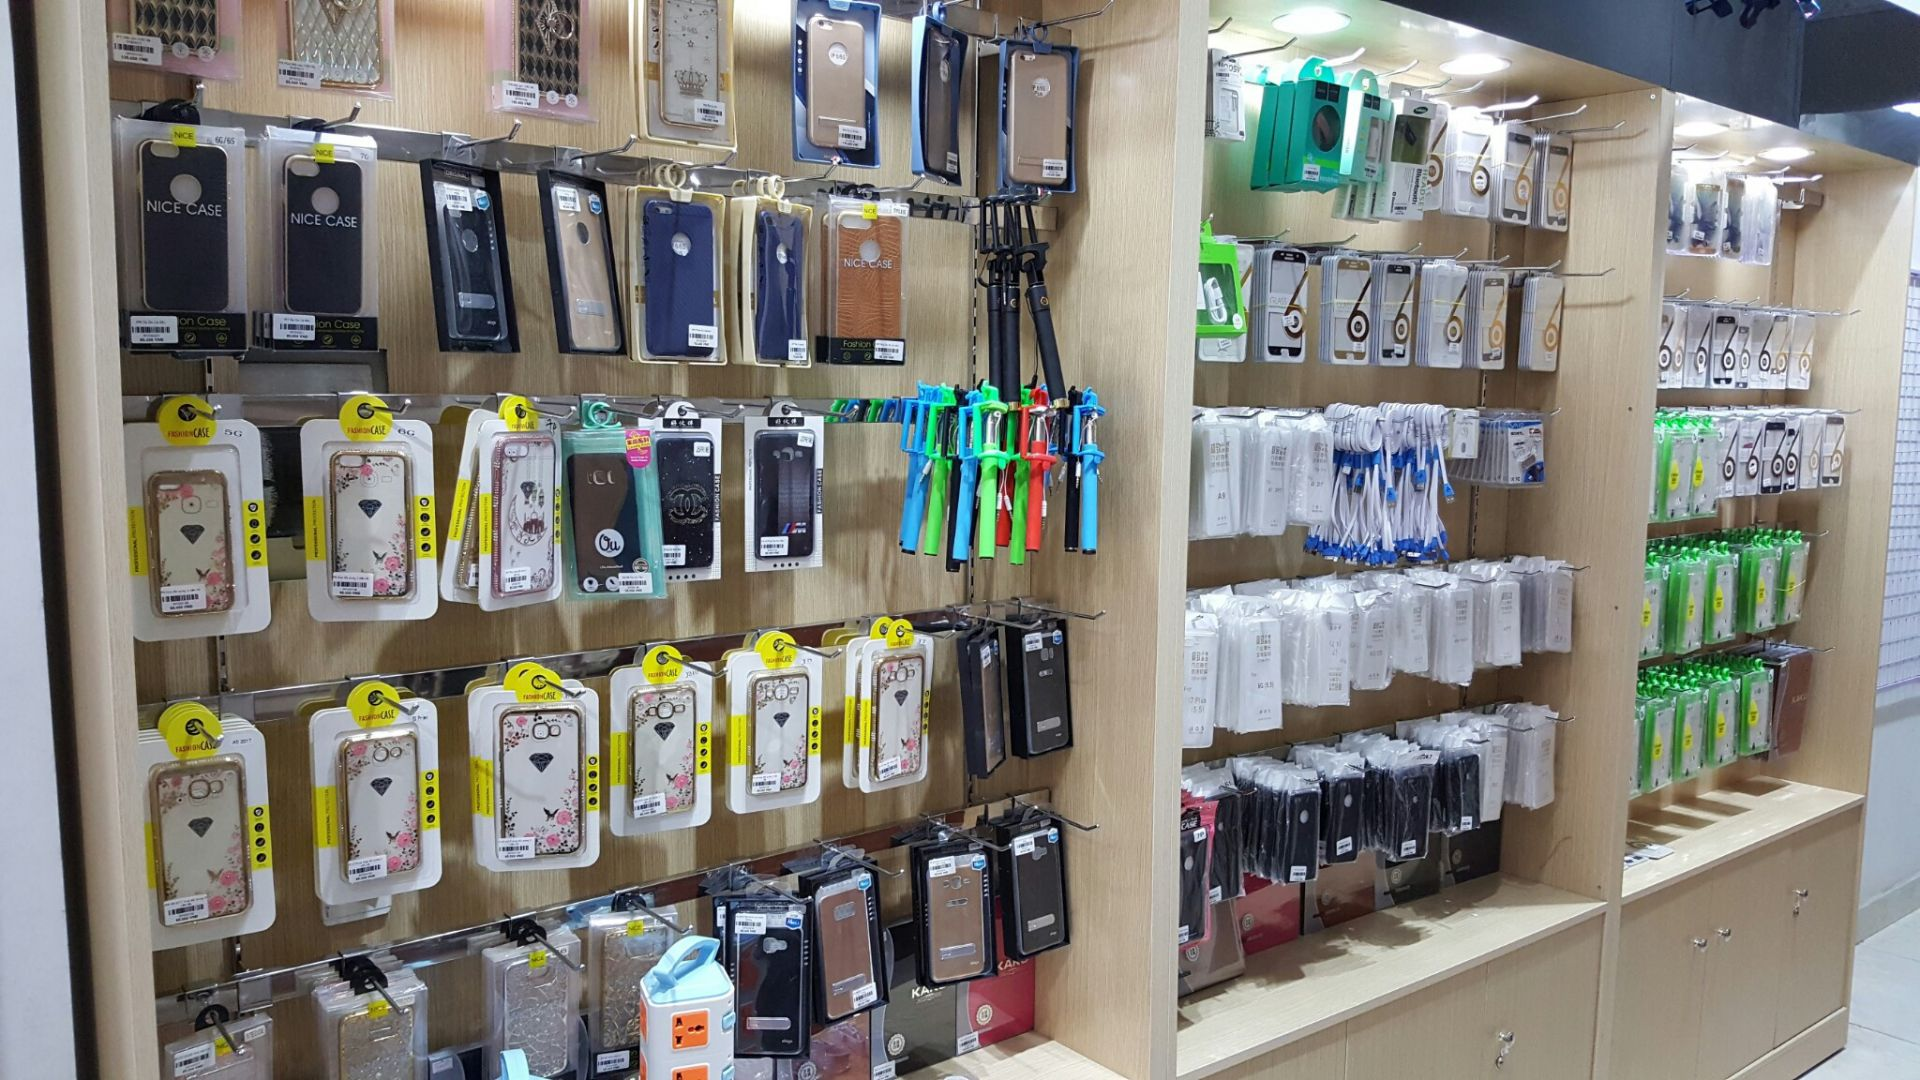 Kinh doanh tại nhà vốn ít với tiệm hàng hóa kiện tùng điện thoại